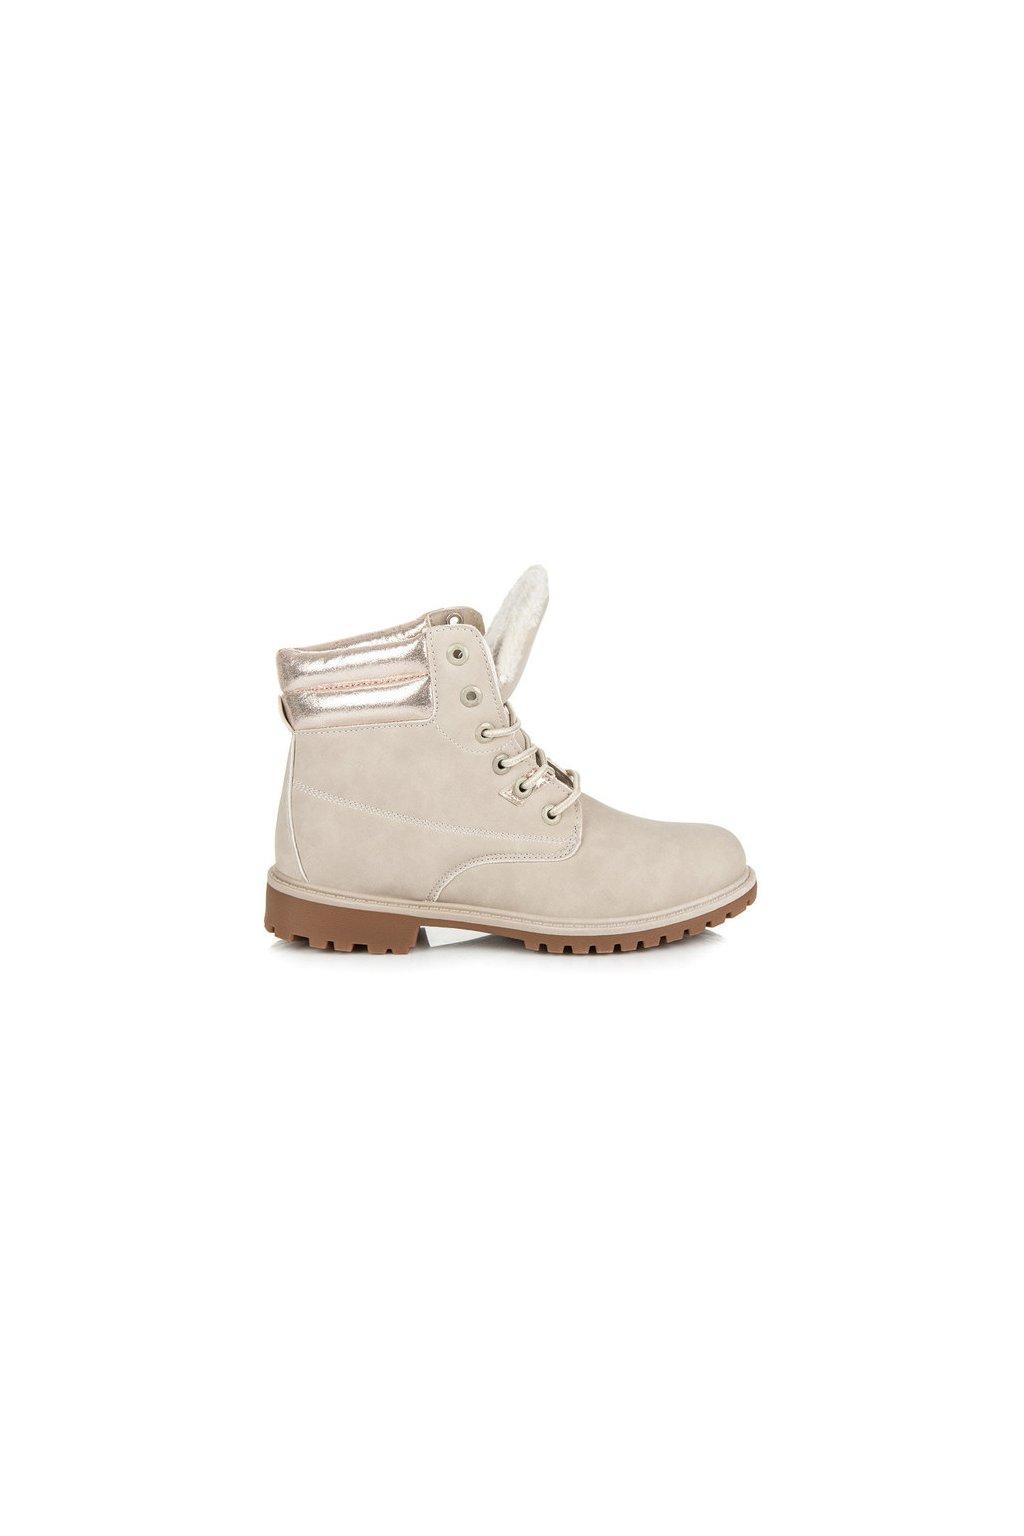 Béžové topánky NJSK AA-12BE